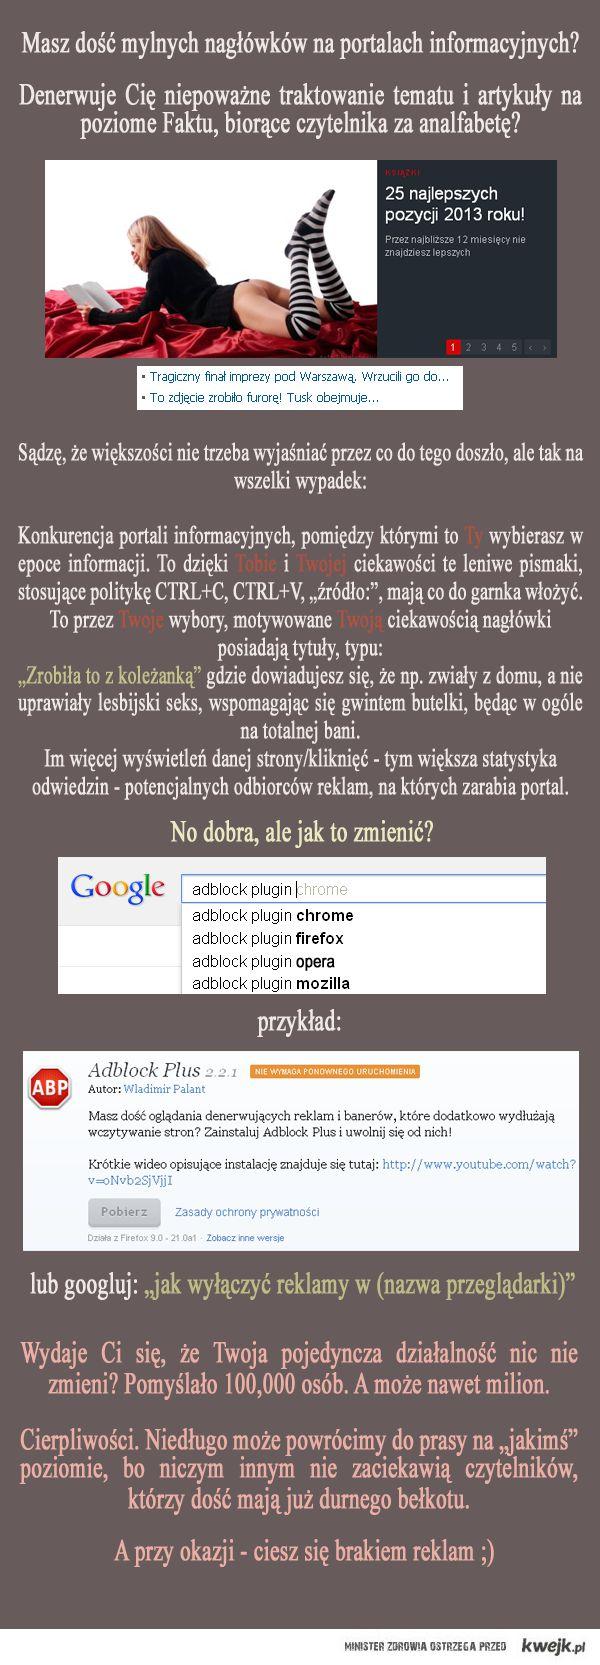 Kiepska prasa = brak blokady reklam